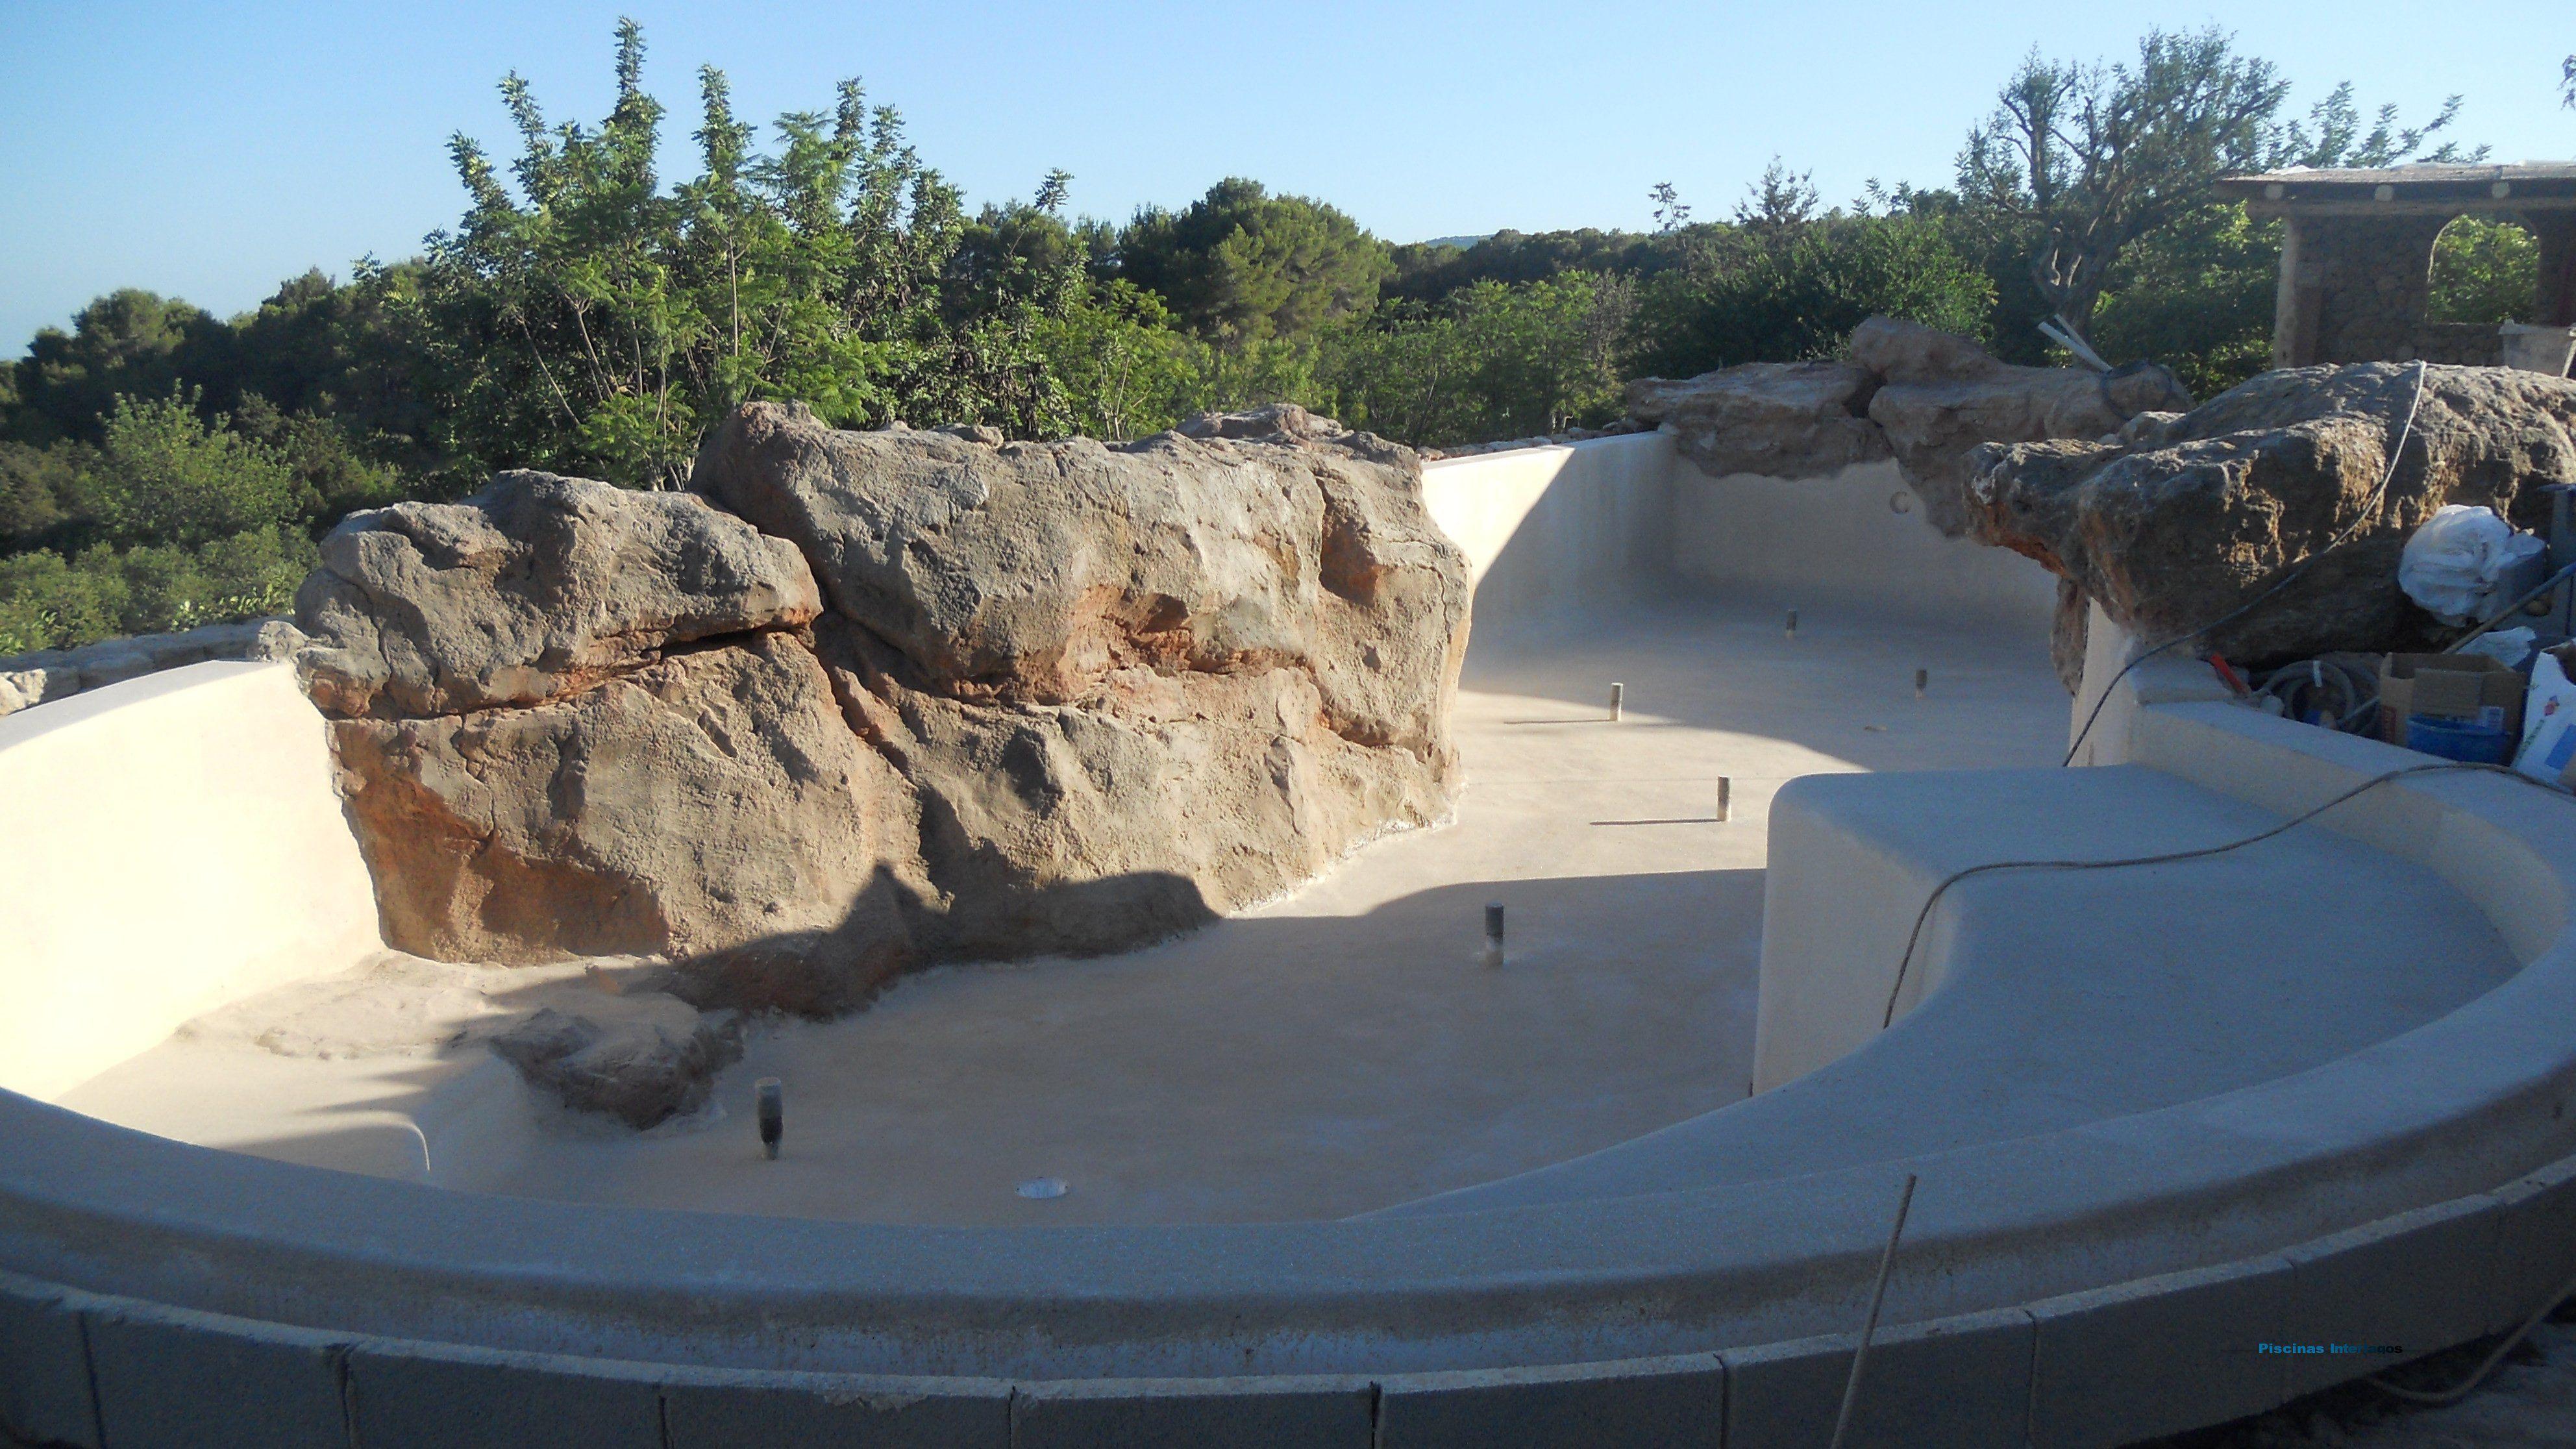 Per metro piscina de arena en construcci n picinas for Construccion de piscinas en guatemala